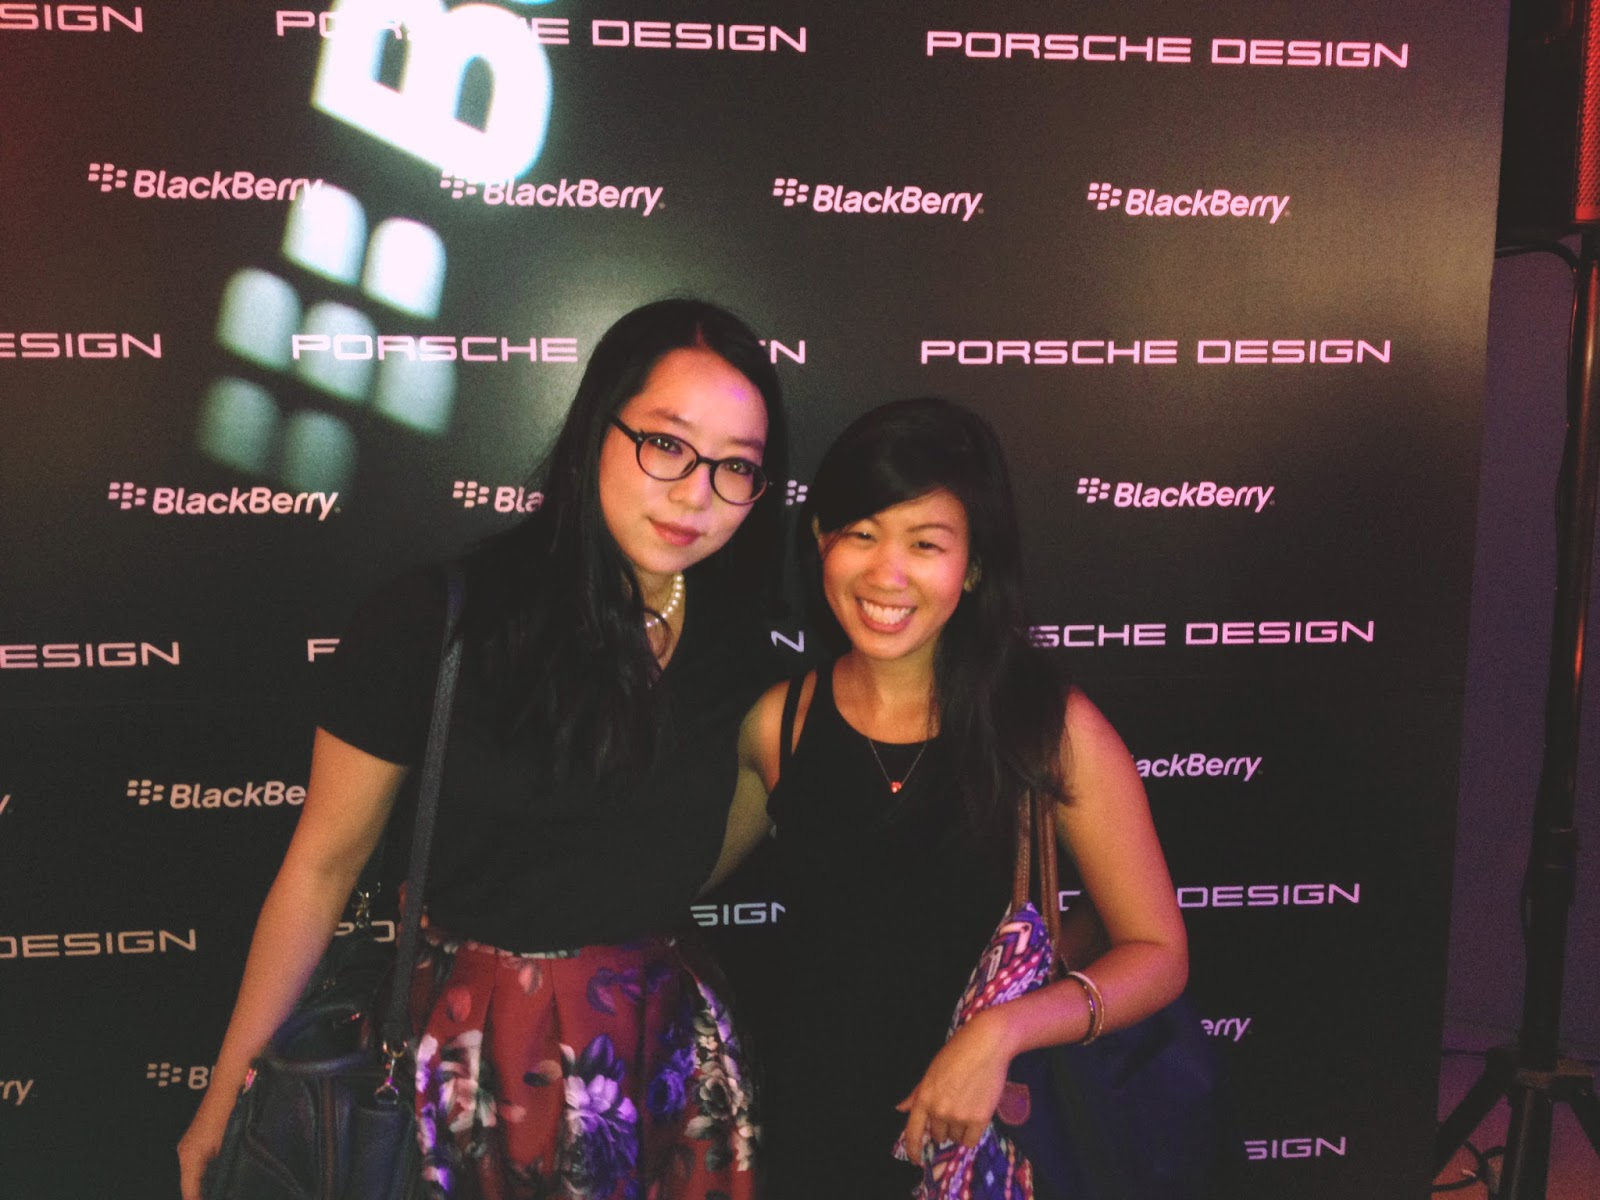 hong kong, yi wei lim, yiweilim, yiwei lim, yi wei lim blog, porsche, porsche design, porsche design hong kong, blackberry, bb